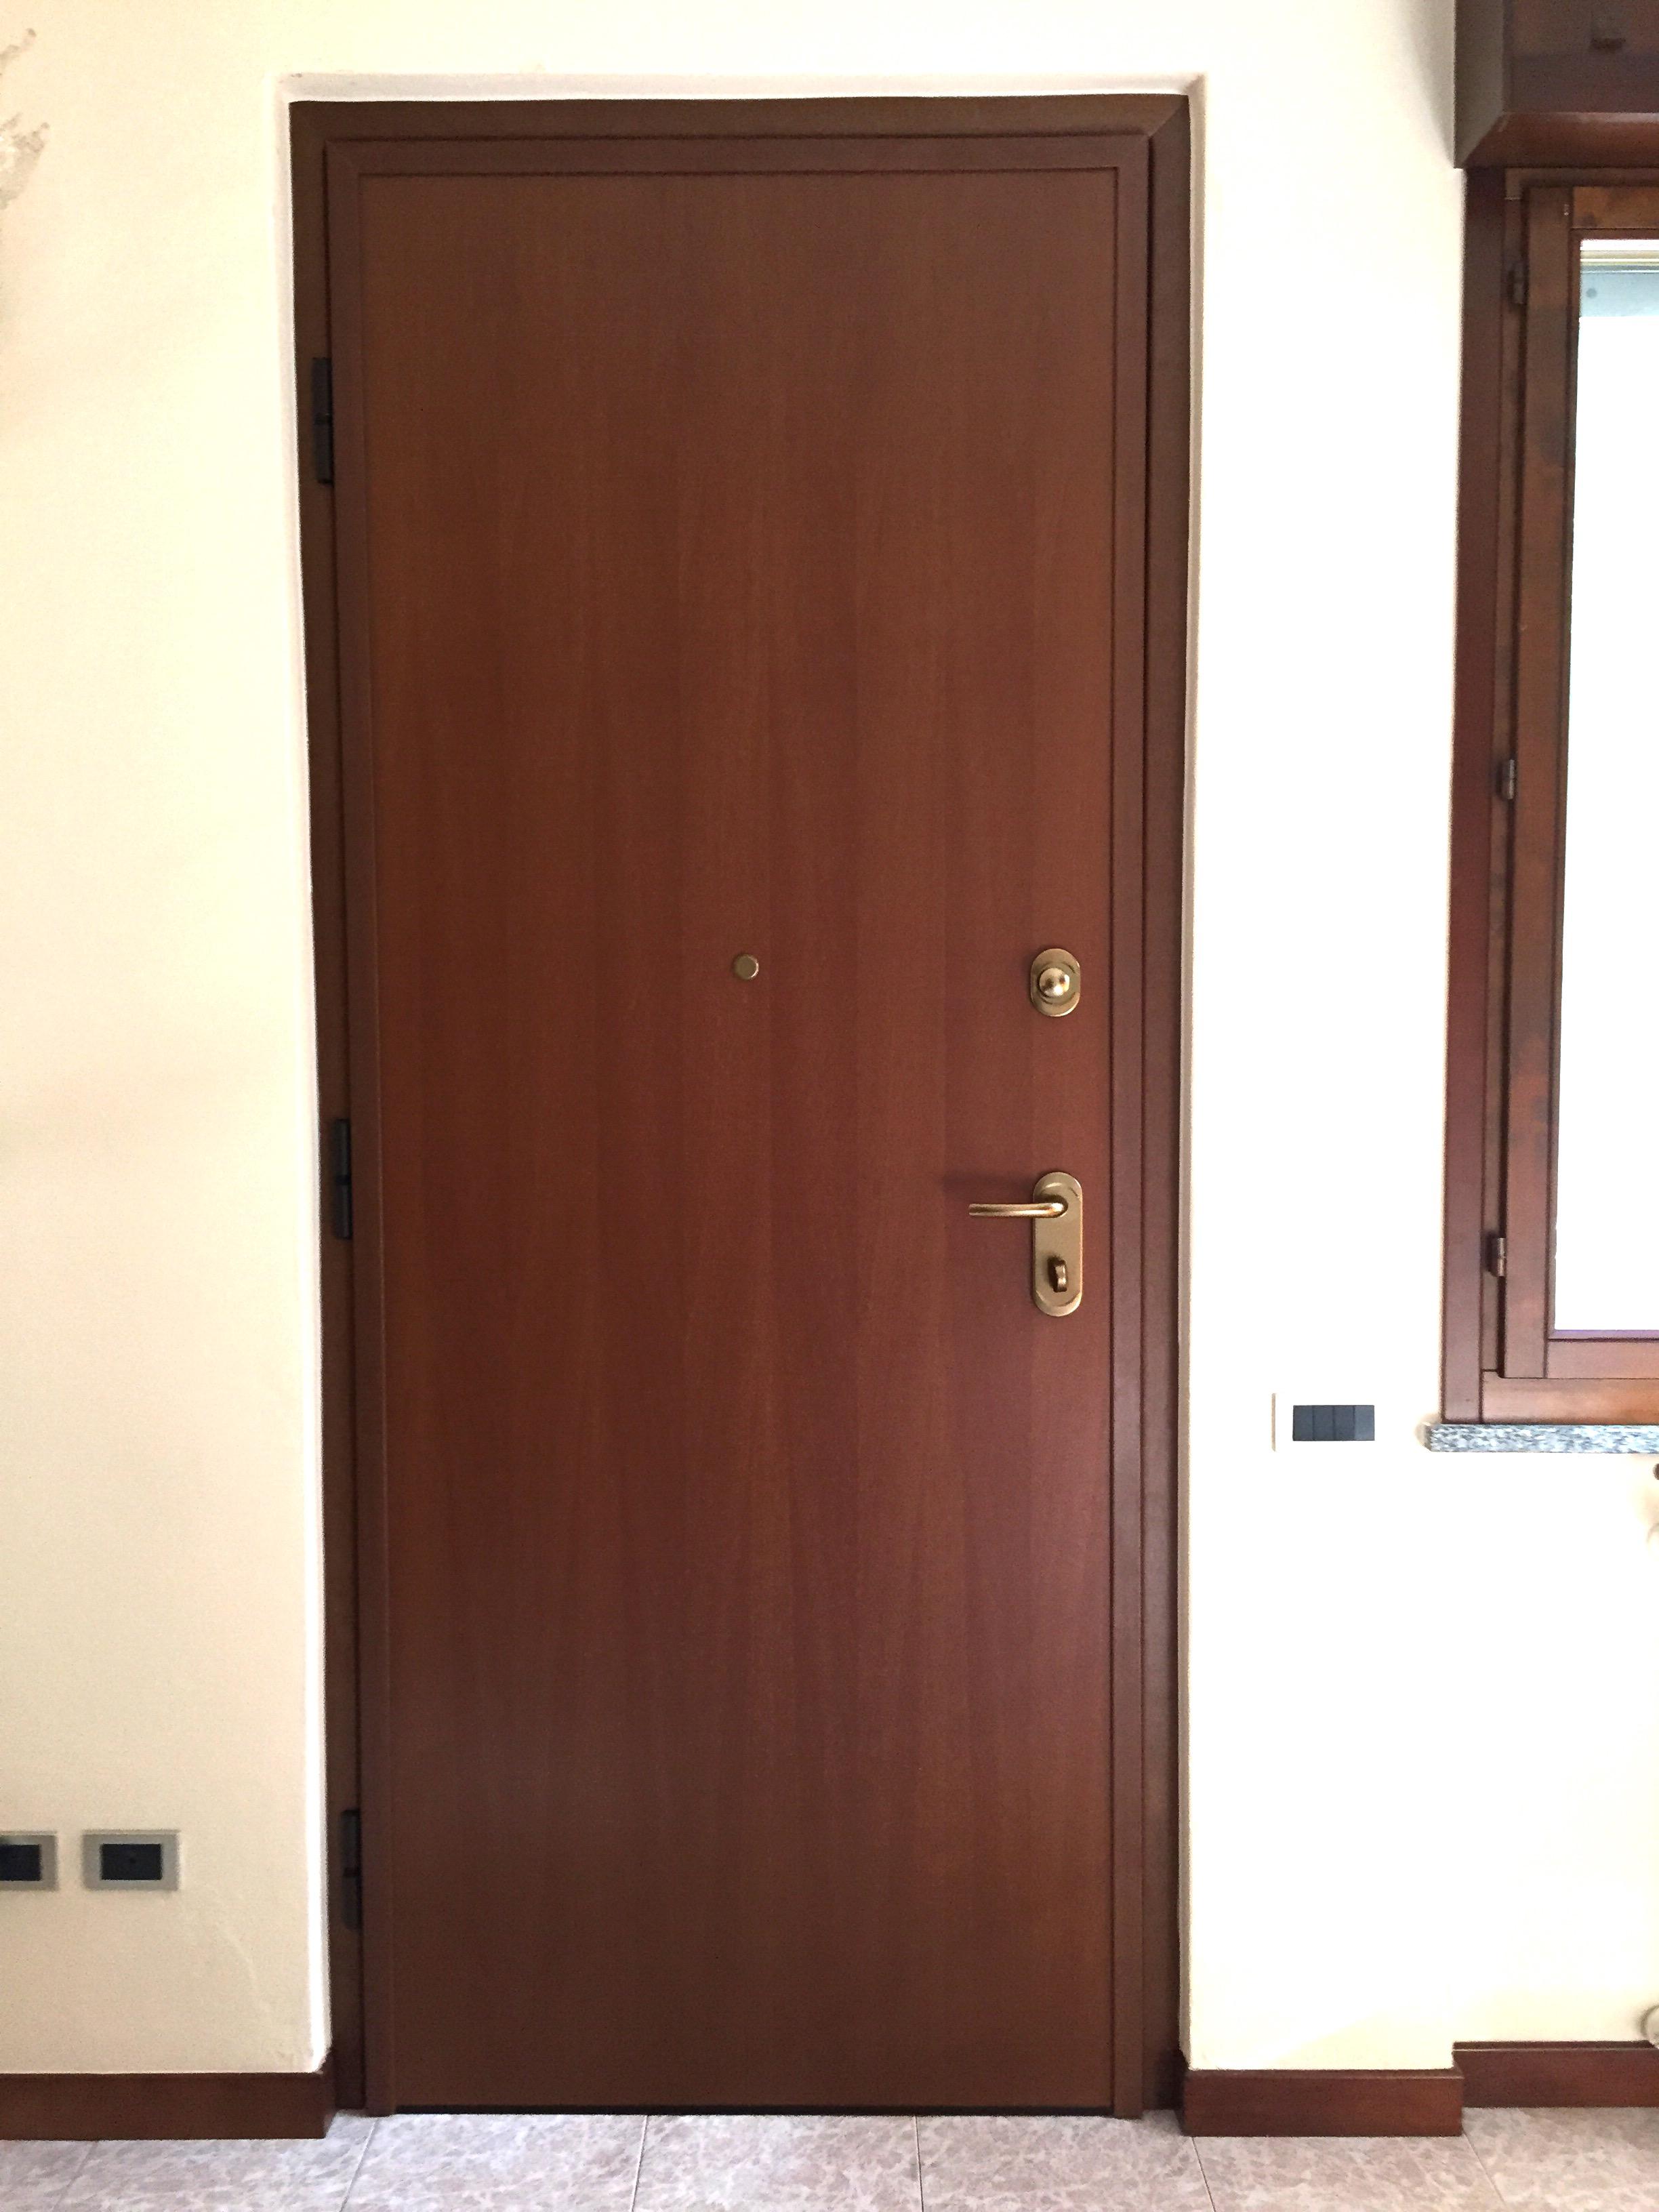 Porta blindata Dierre mod. Double 1 Plus , abitazione a Cremona.